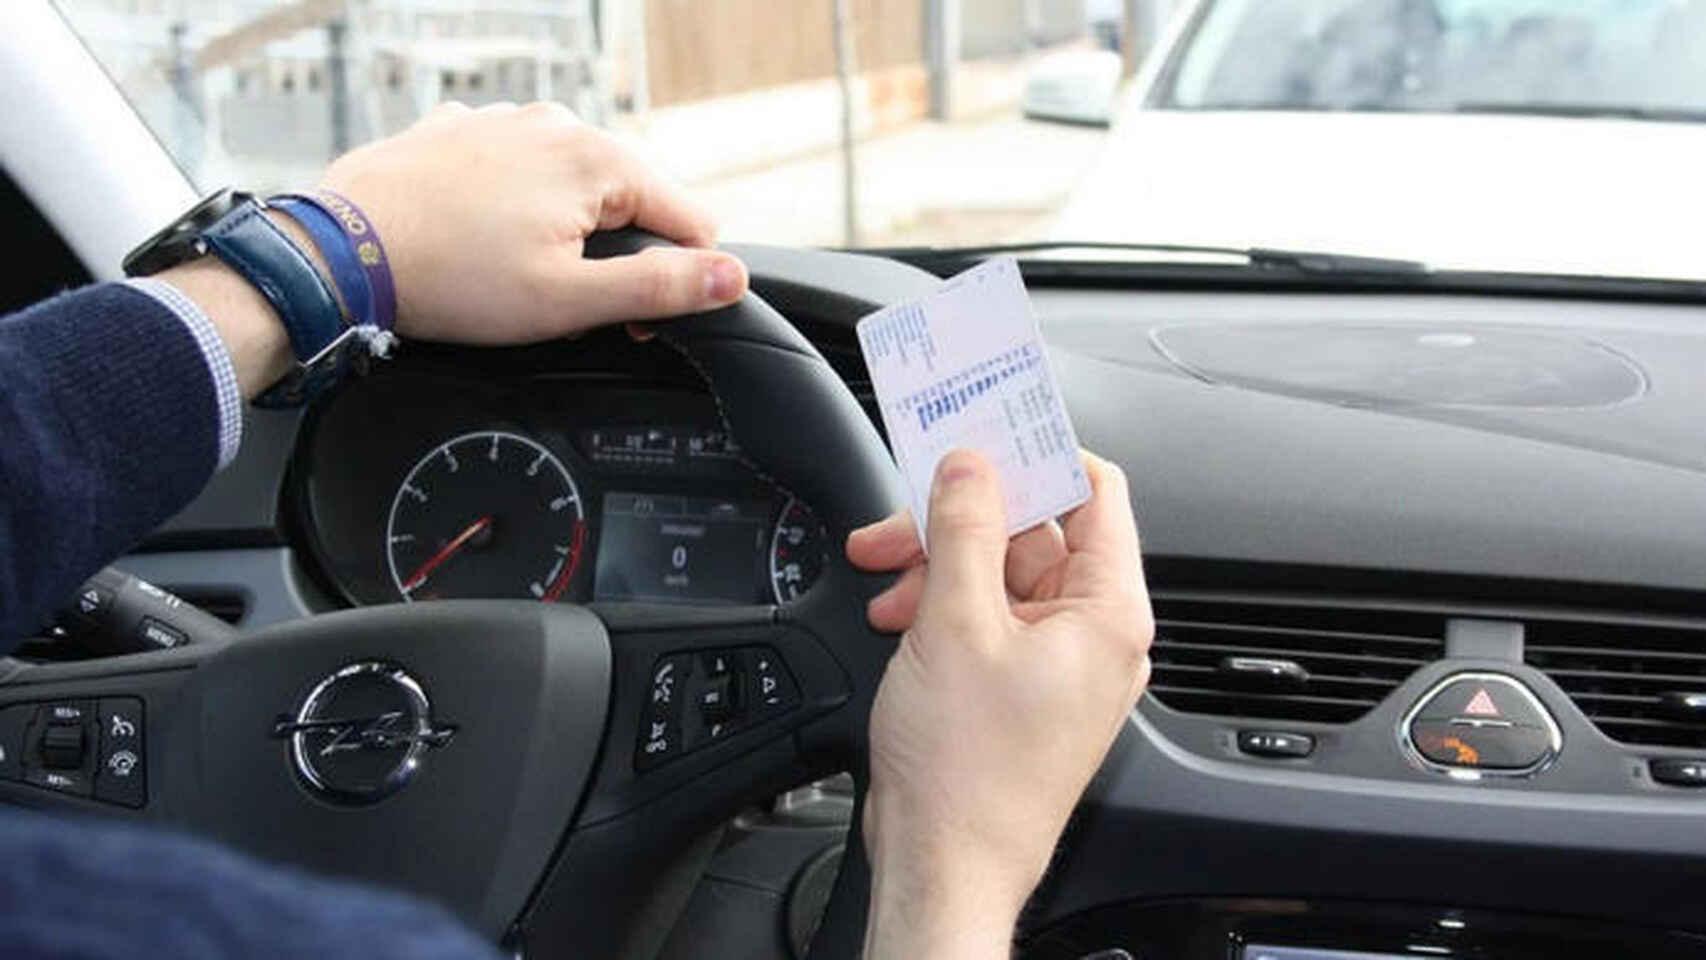 Nuevo frente para la DGT: miles de conductores se podrían quedar sin carné de conducir desde agosto